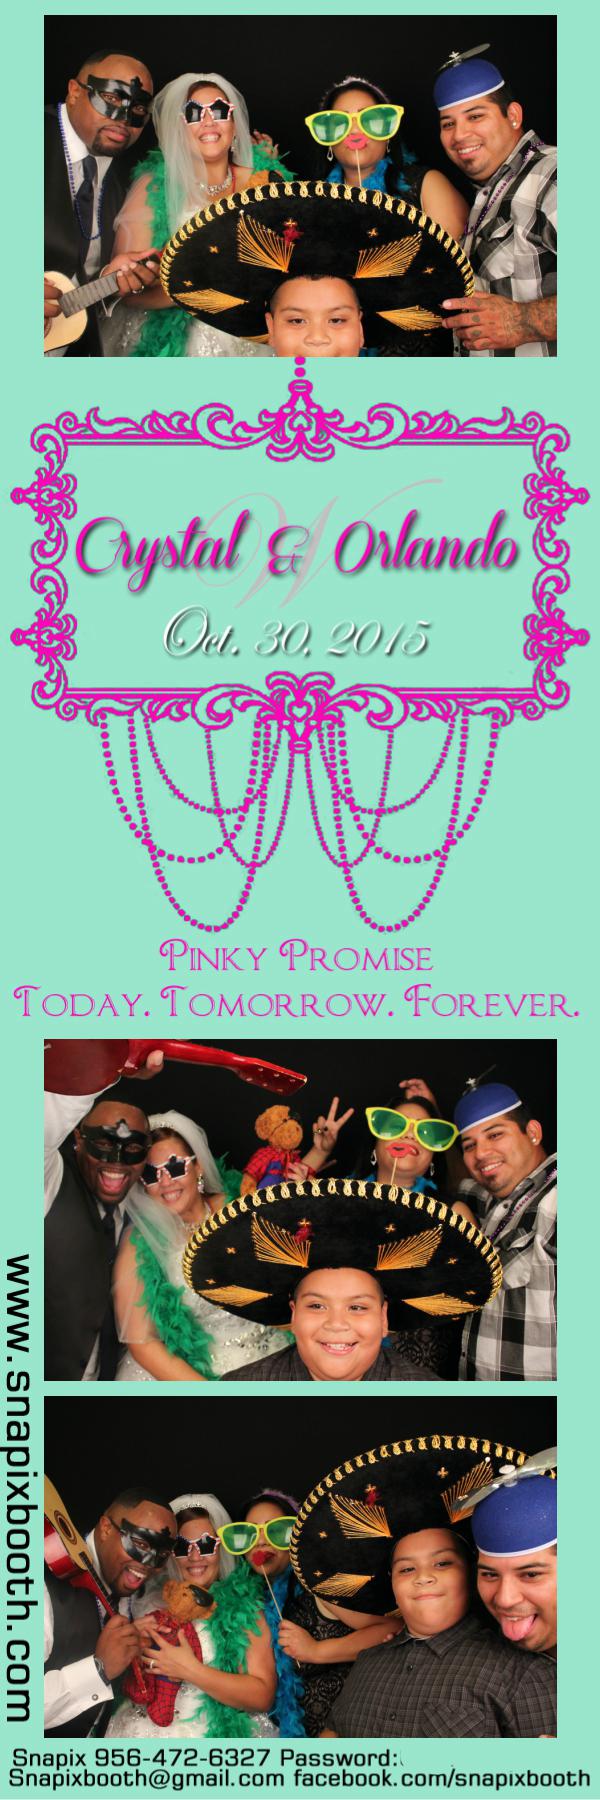 Crystal & Orlando Wedding